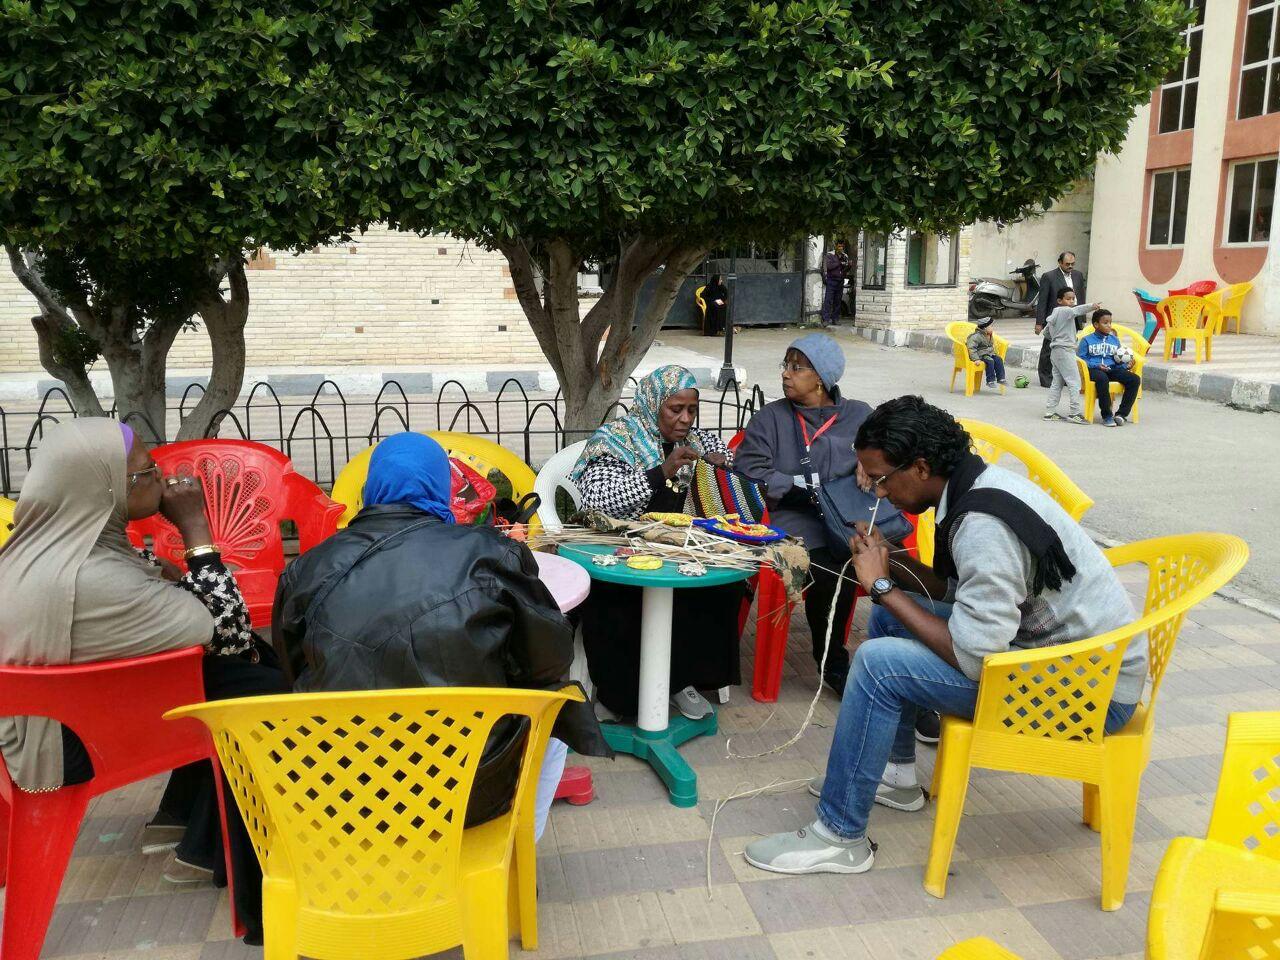 صور.. «بصمة خير» ونادي الكنوز ينظمان يومًا رياضيًا نوبيًا بالإسكندرية